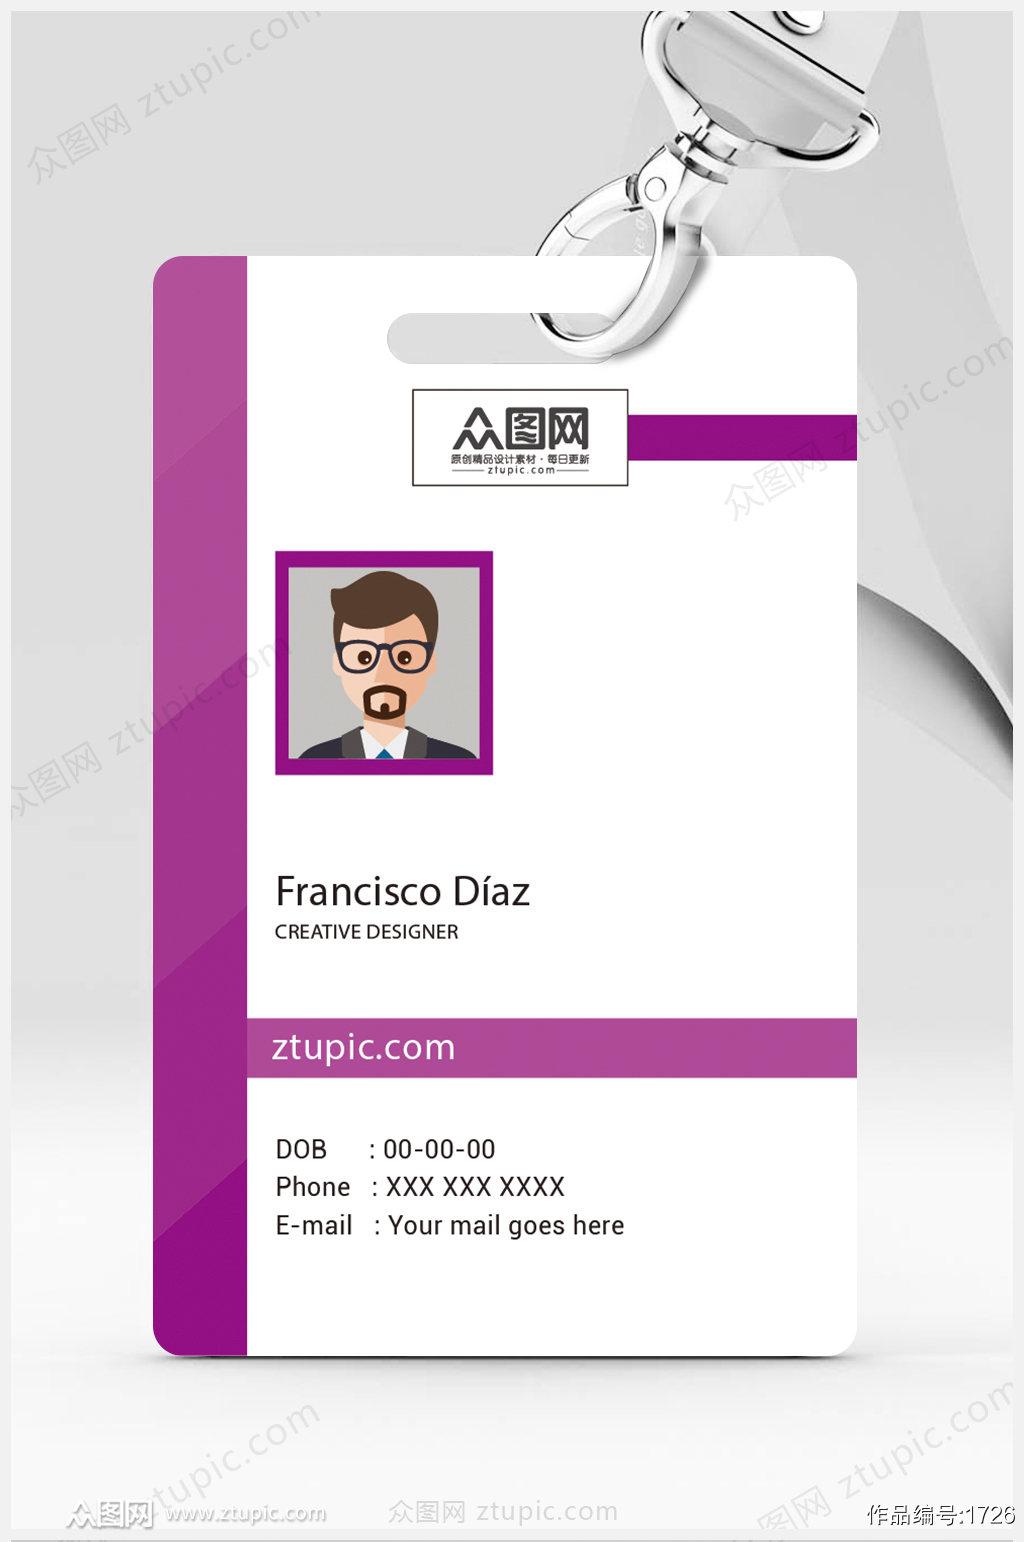 紫色时尚高端的工作牌模板设计素材